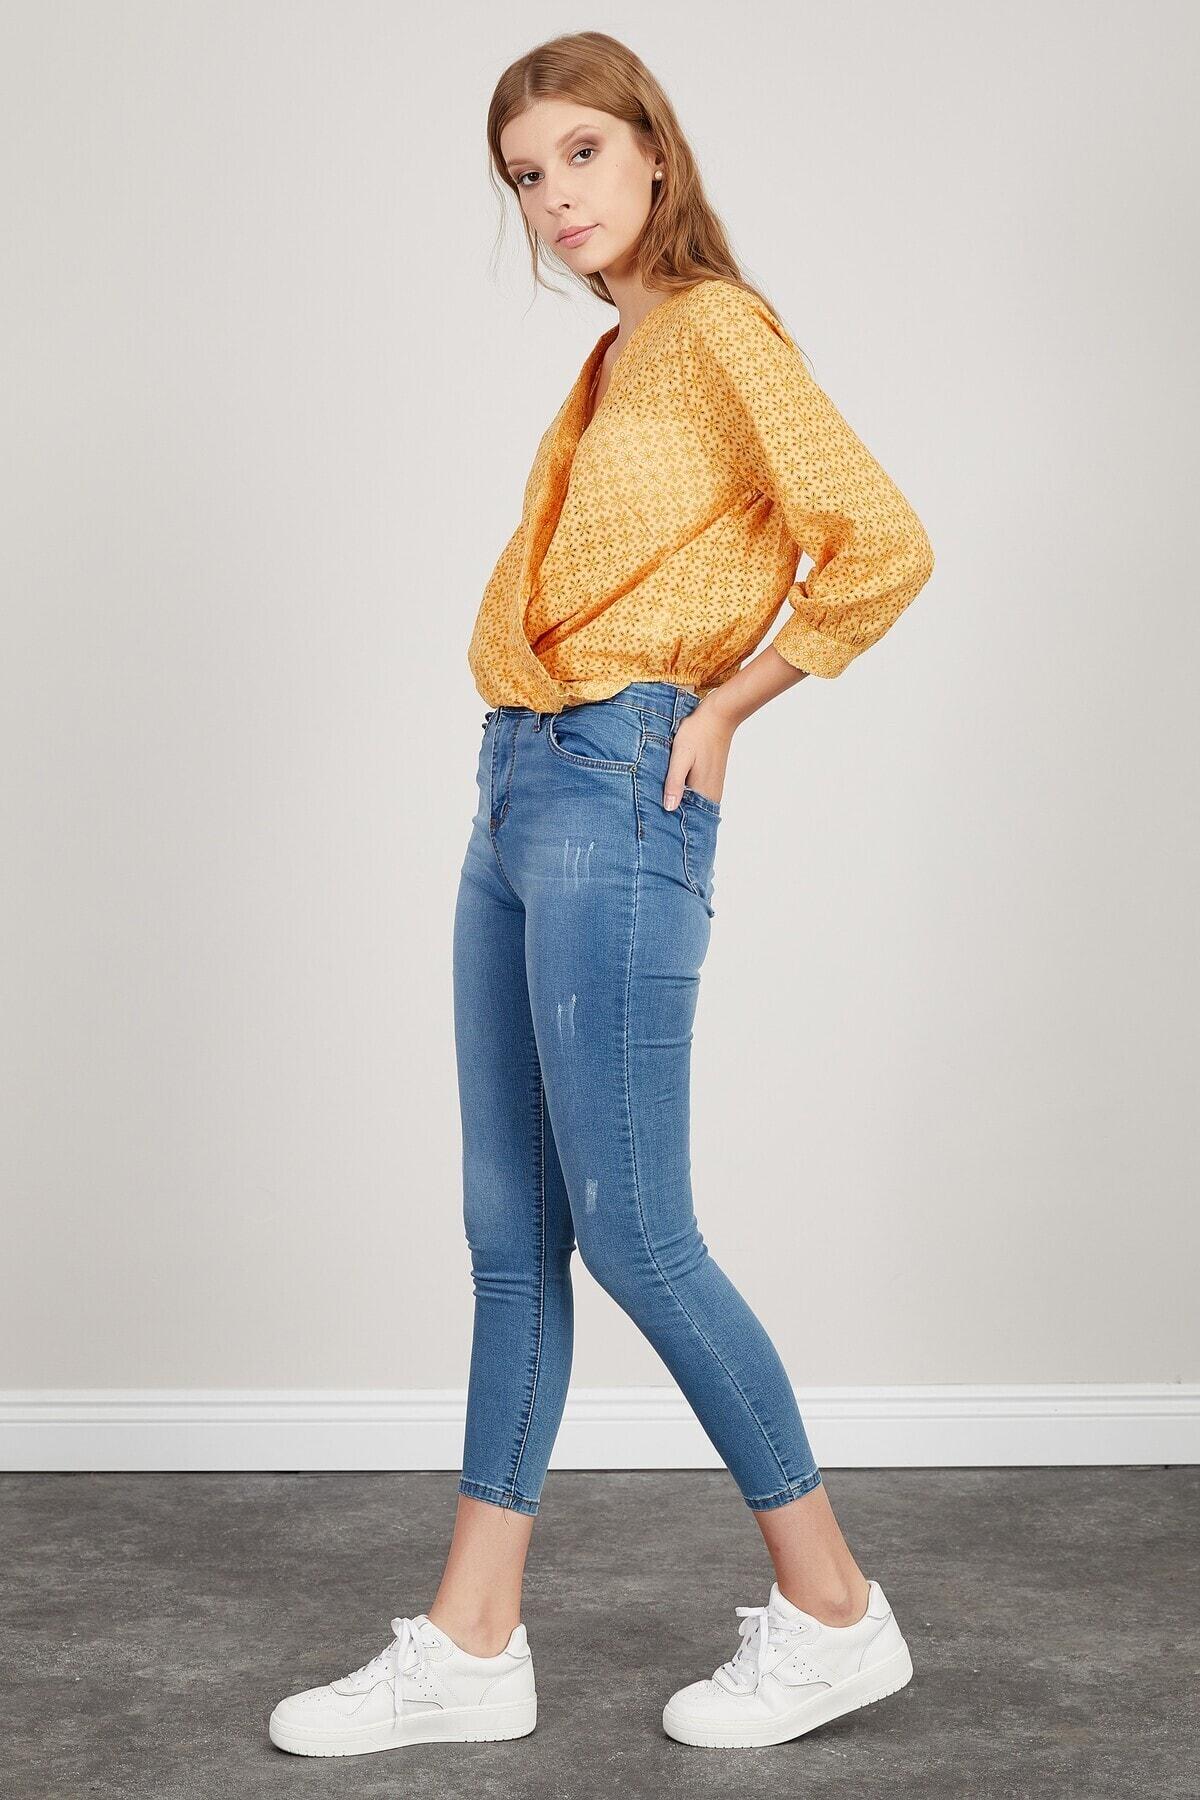 Manche Kadın Mavi Yüksek Bel Dar Paça Pantolon 2